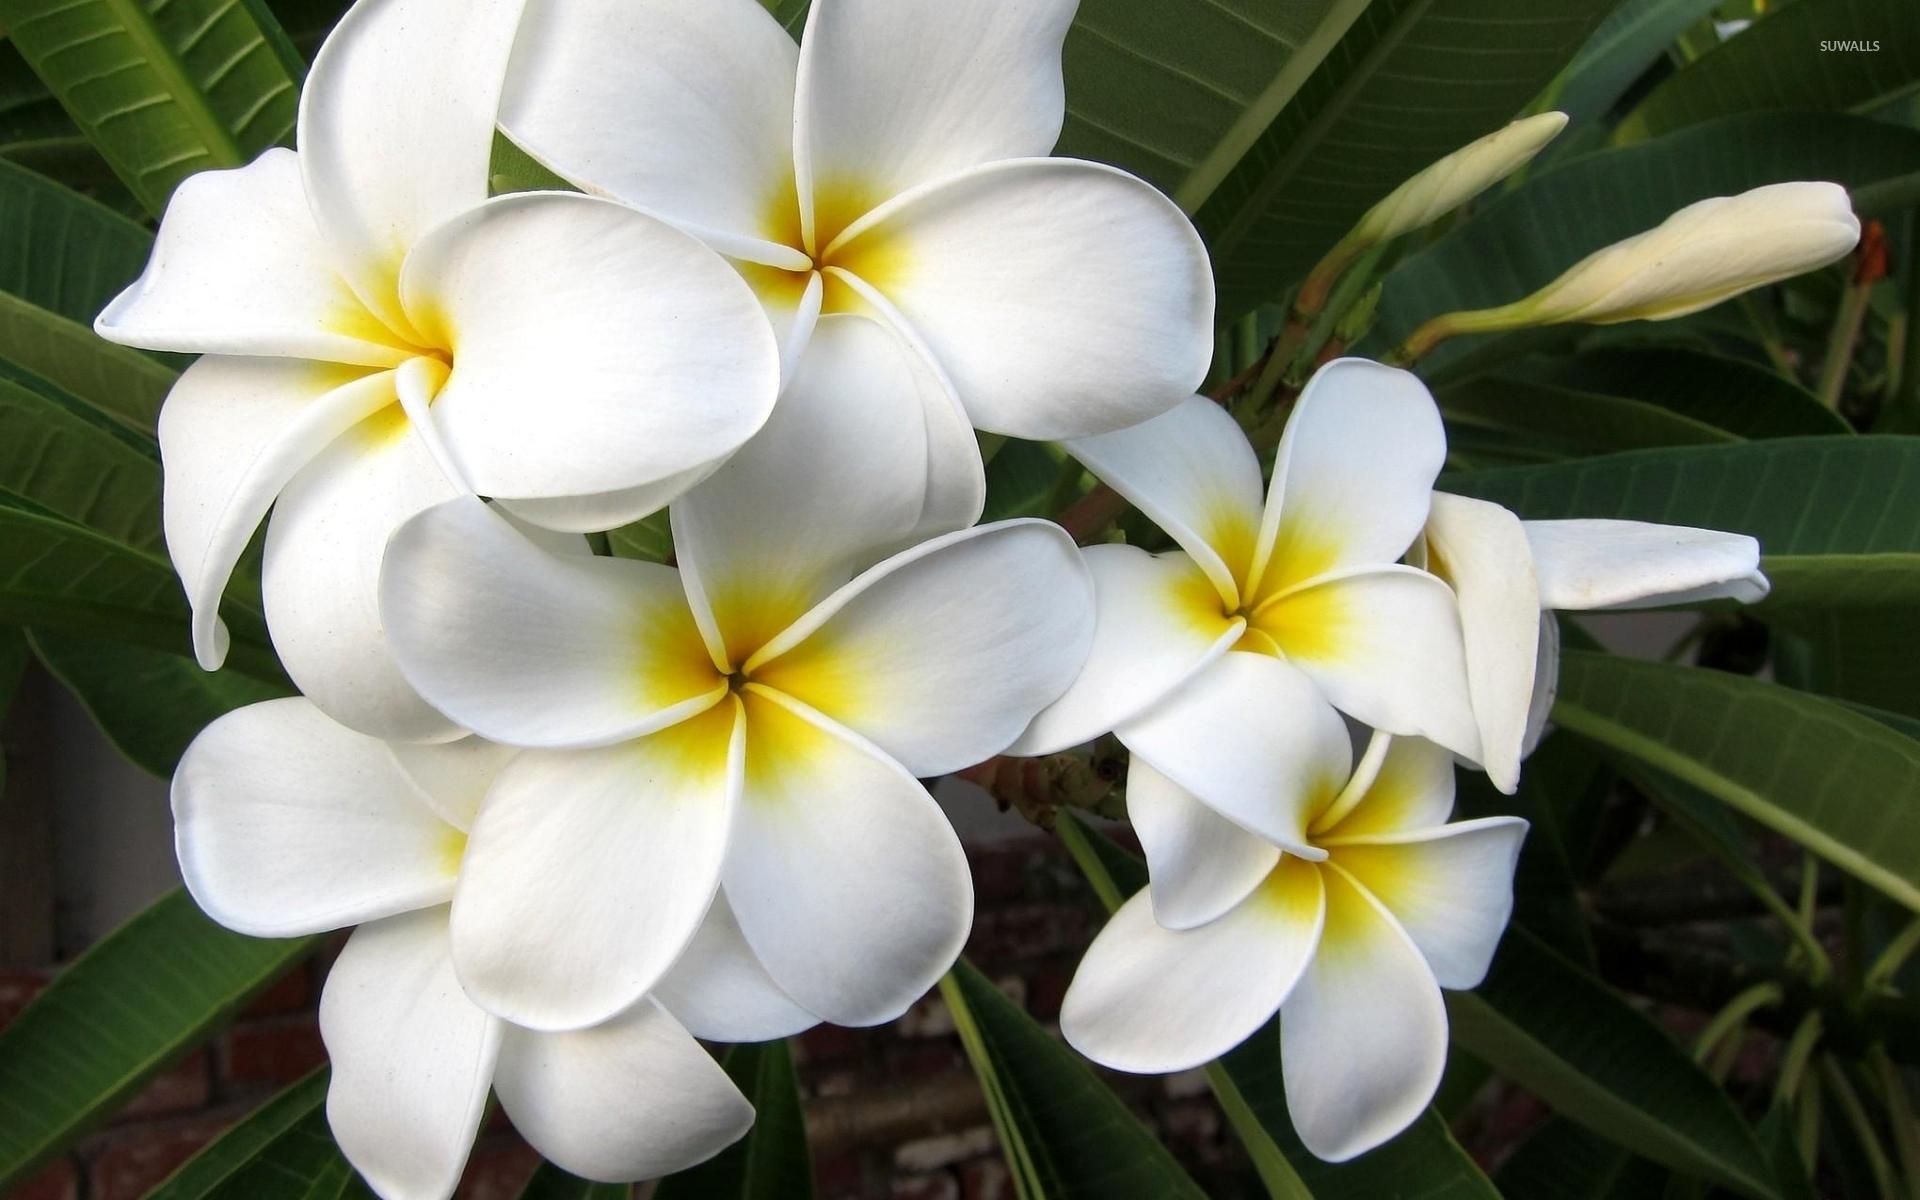 White plumerias [3] wallpaper - Flower wallpapers - #40397